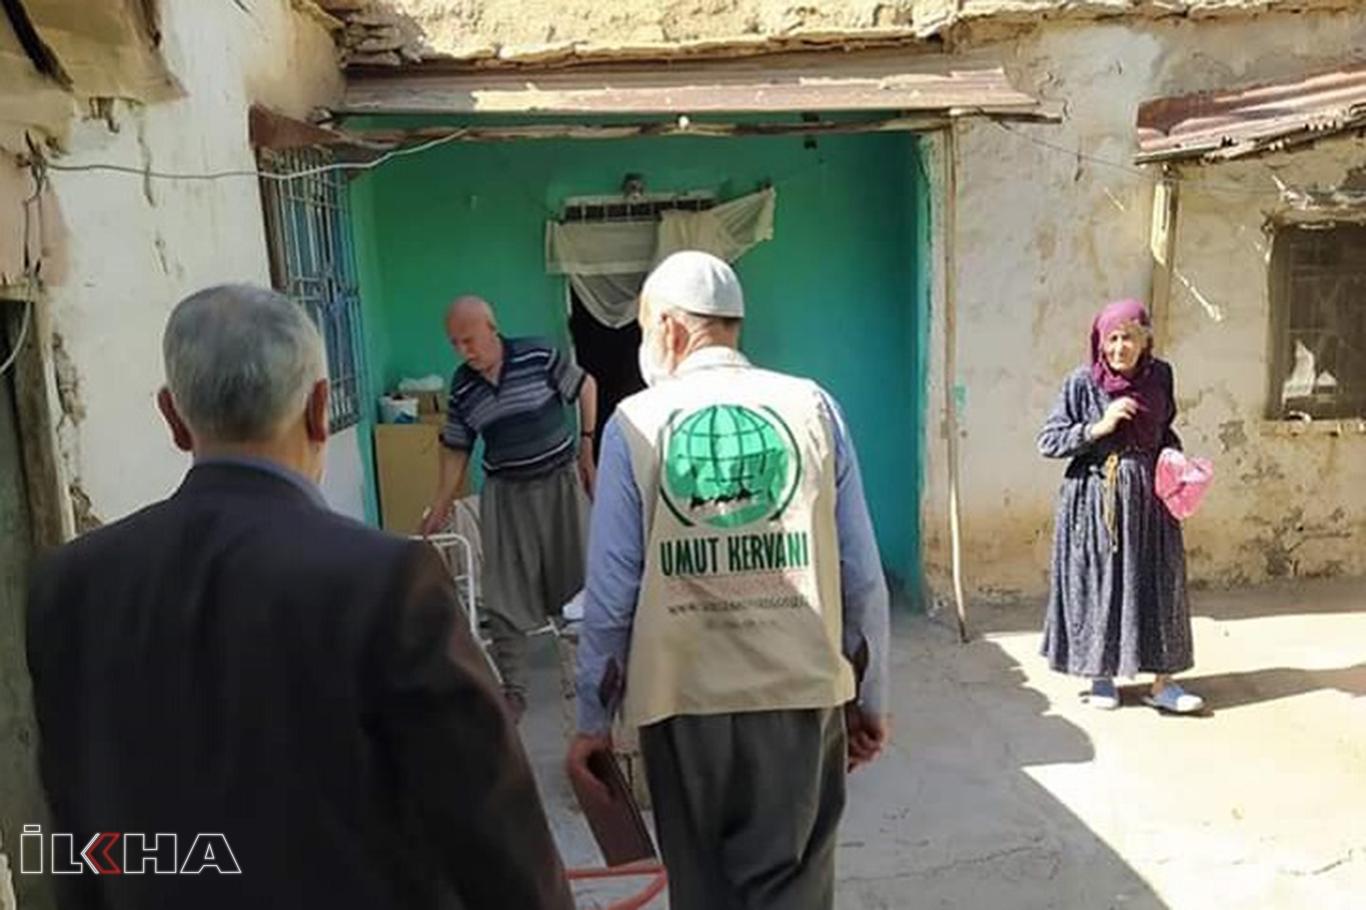 Umut Kervanı Erganide ihtiyaç sahiplerini sevindirdi.